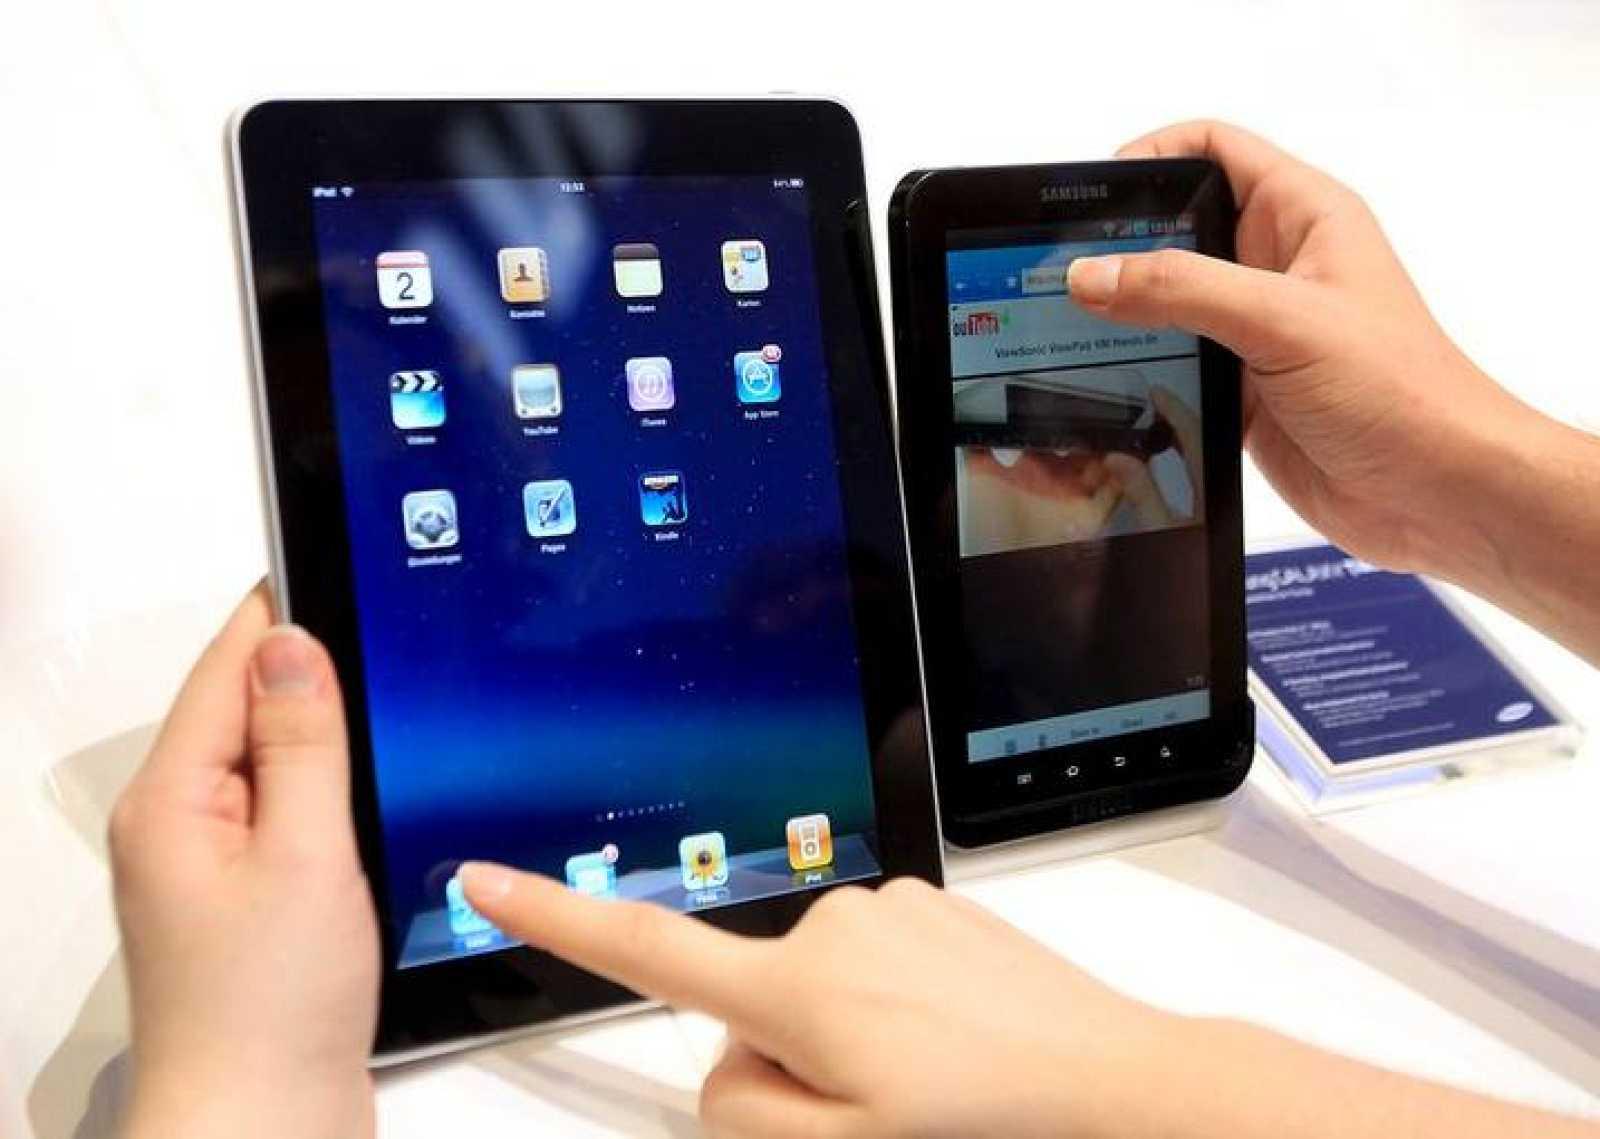 Comparación entre las tabletas desarrolladas por las dos compañías que originó esta batalla legal por las patentes